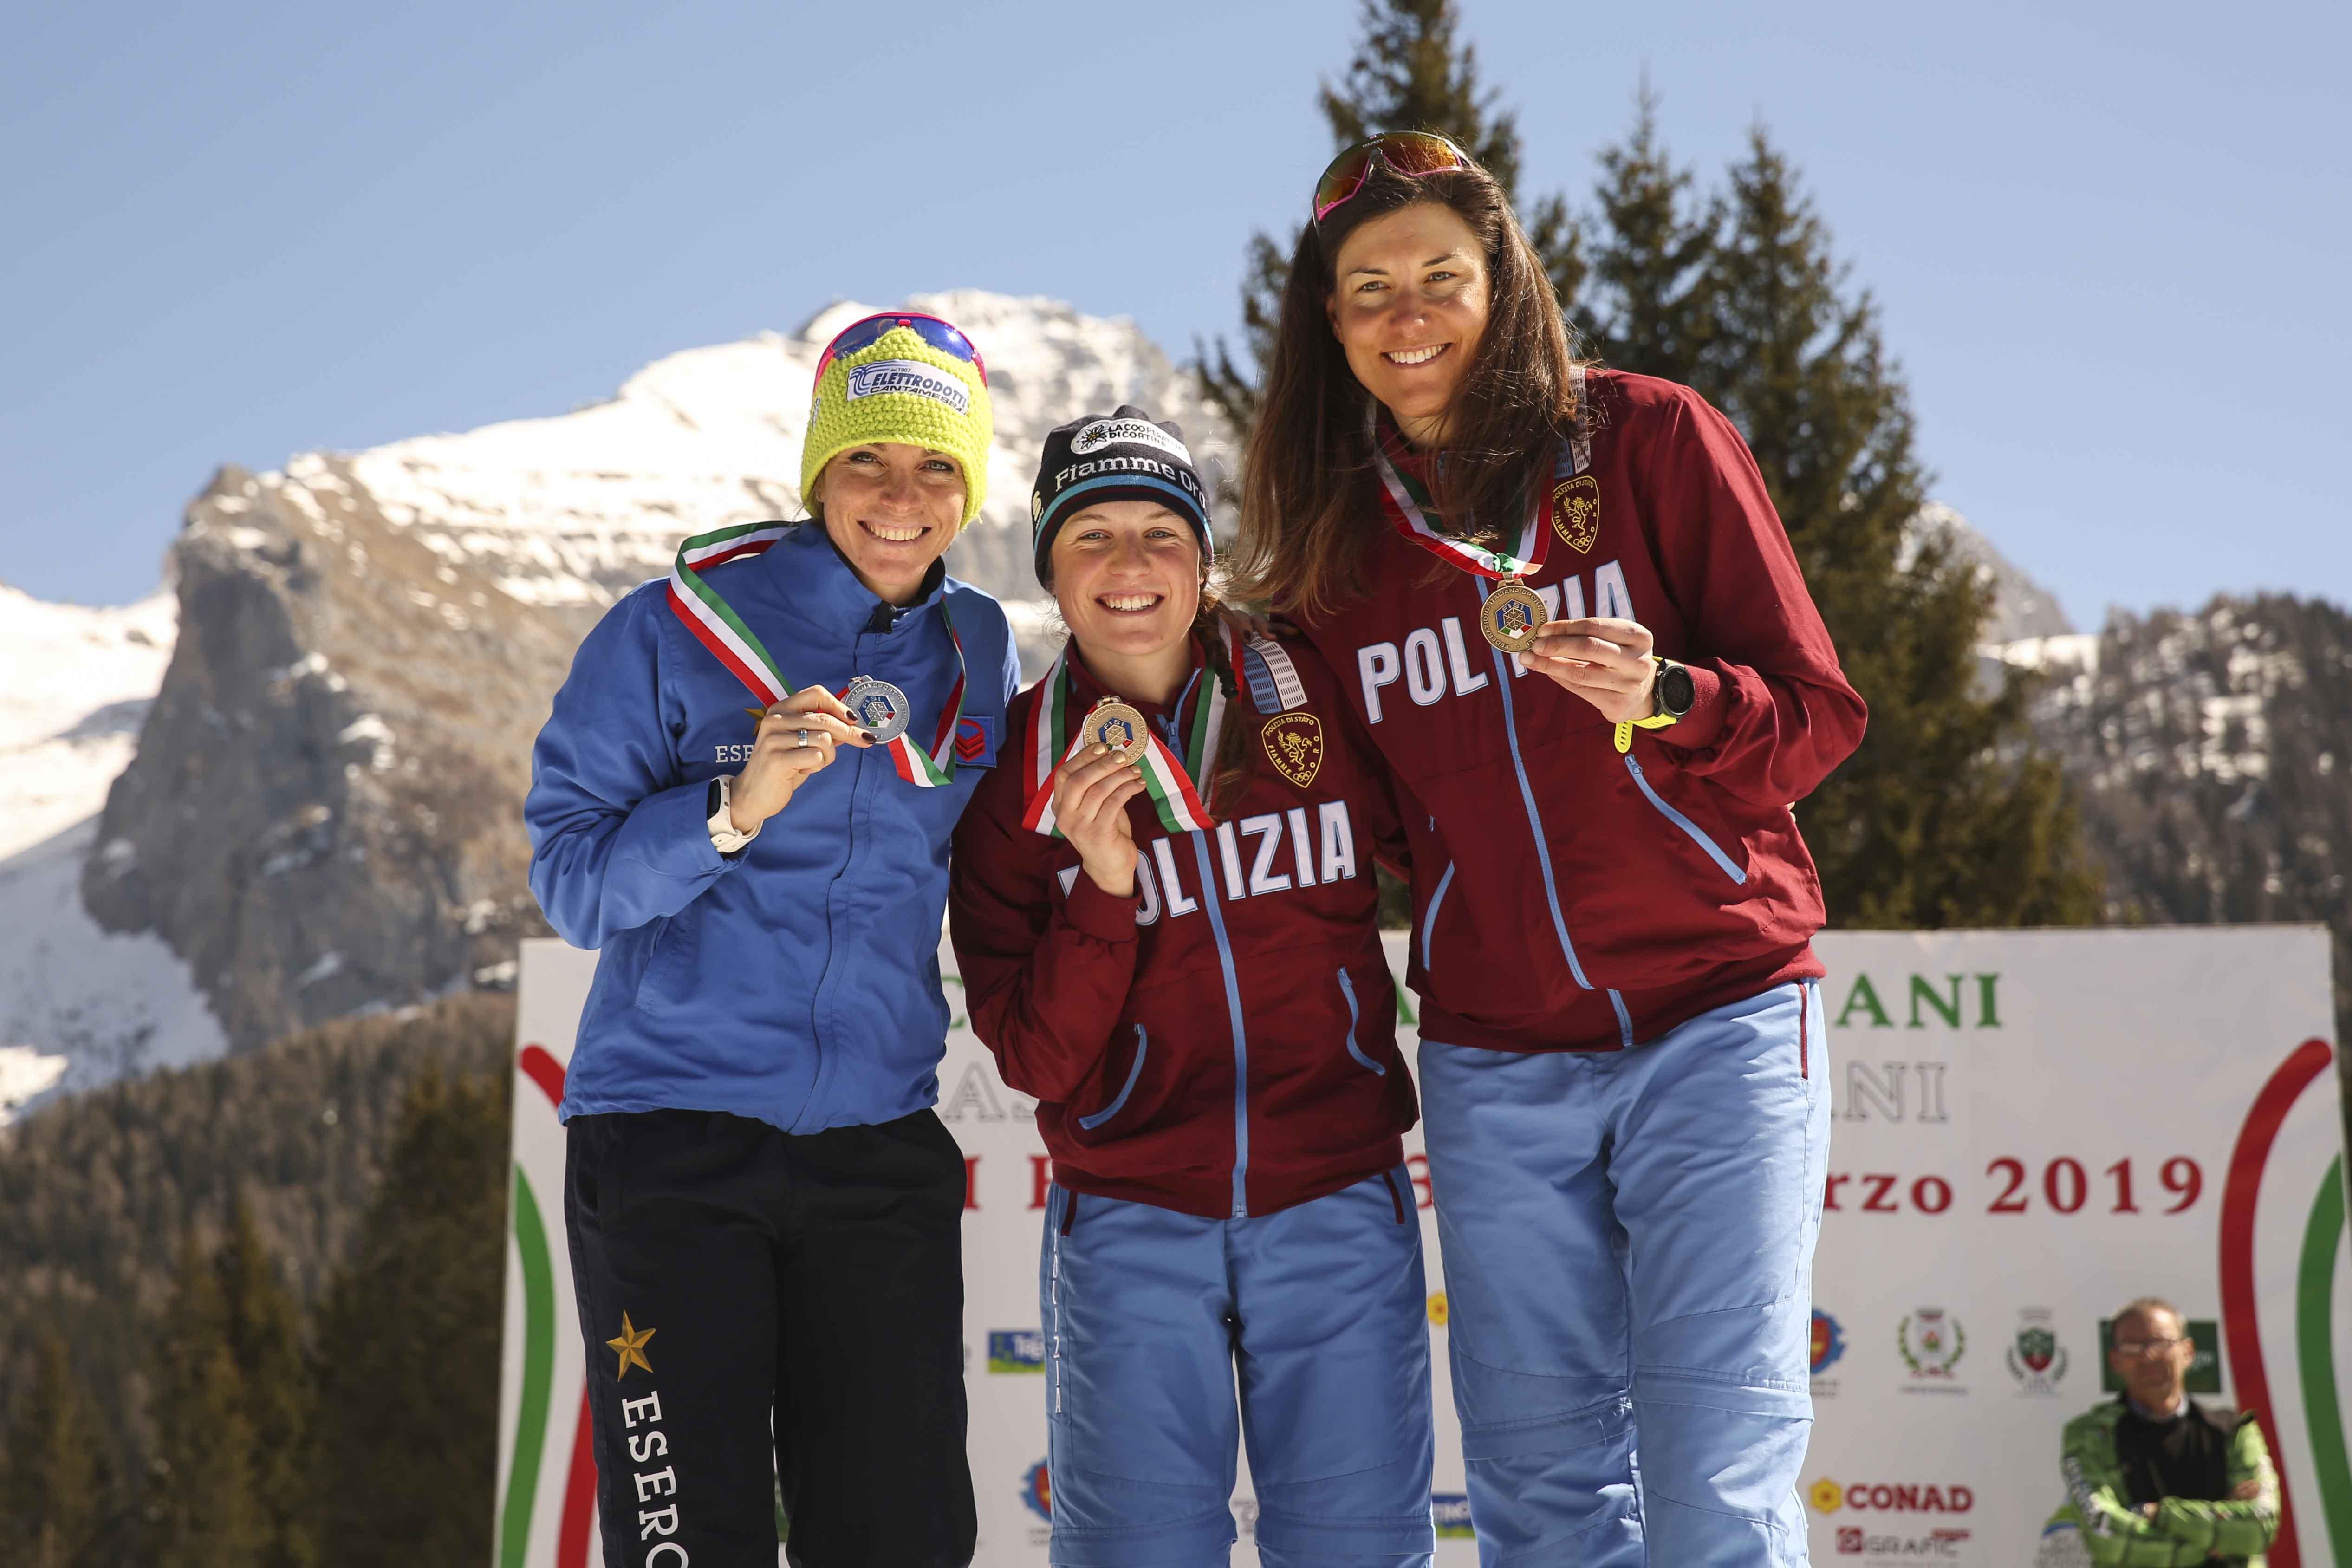 31-03-2019 I RISULTATI DEI CAMPIONATI ITALIANI LUNGHE DISTANZE - COPPA ITALIA SPORTFUL